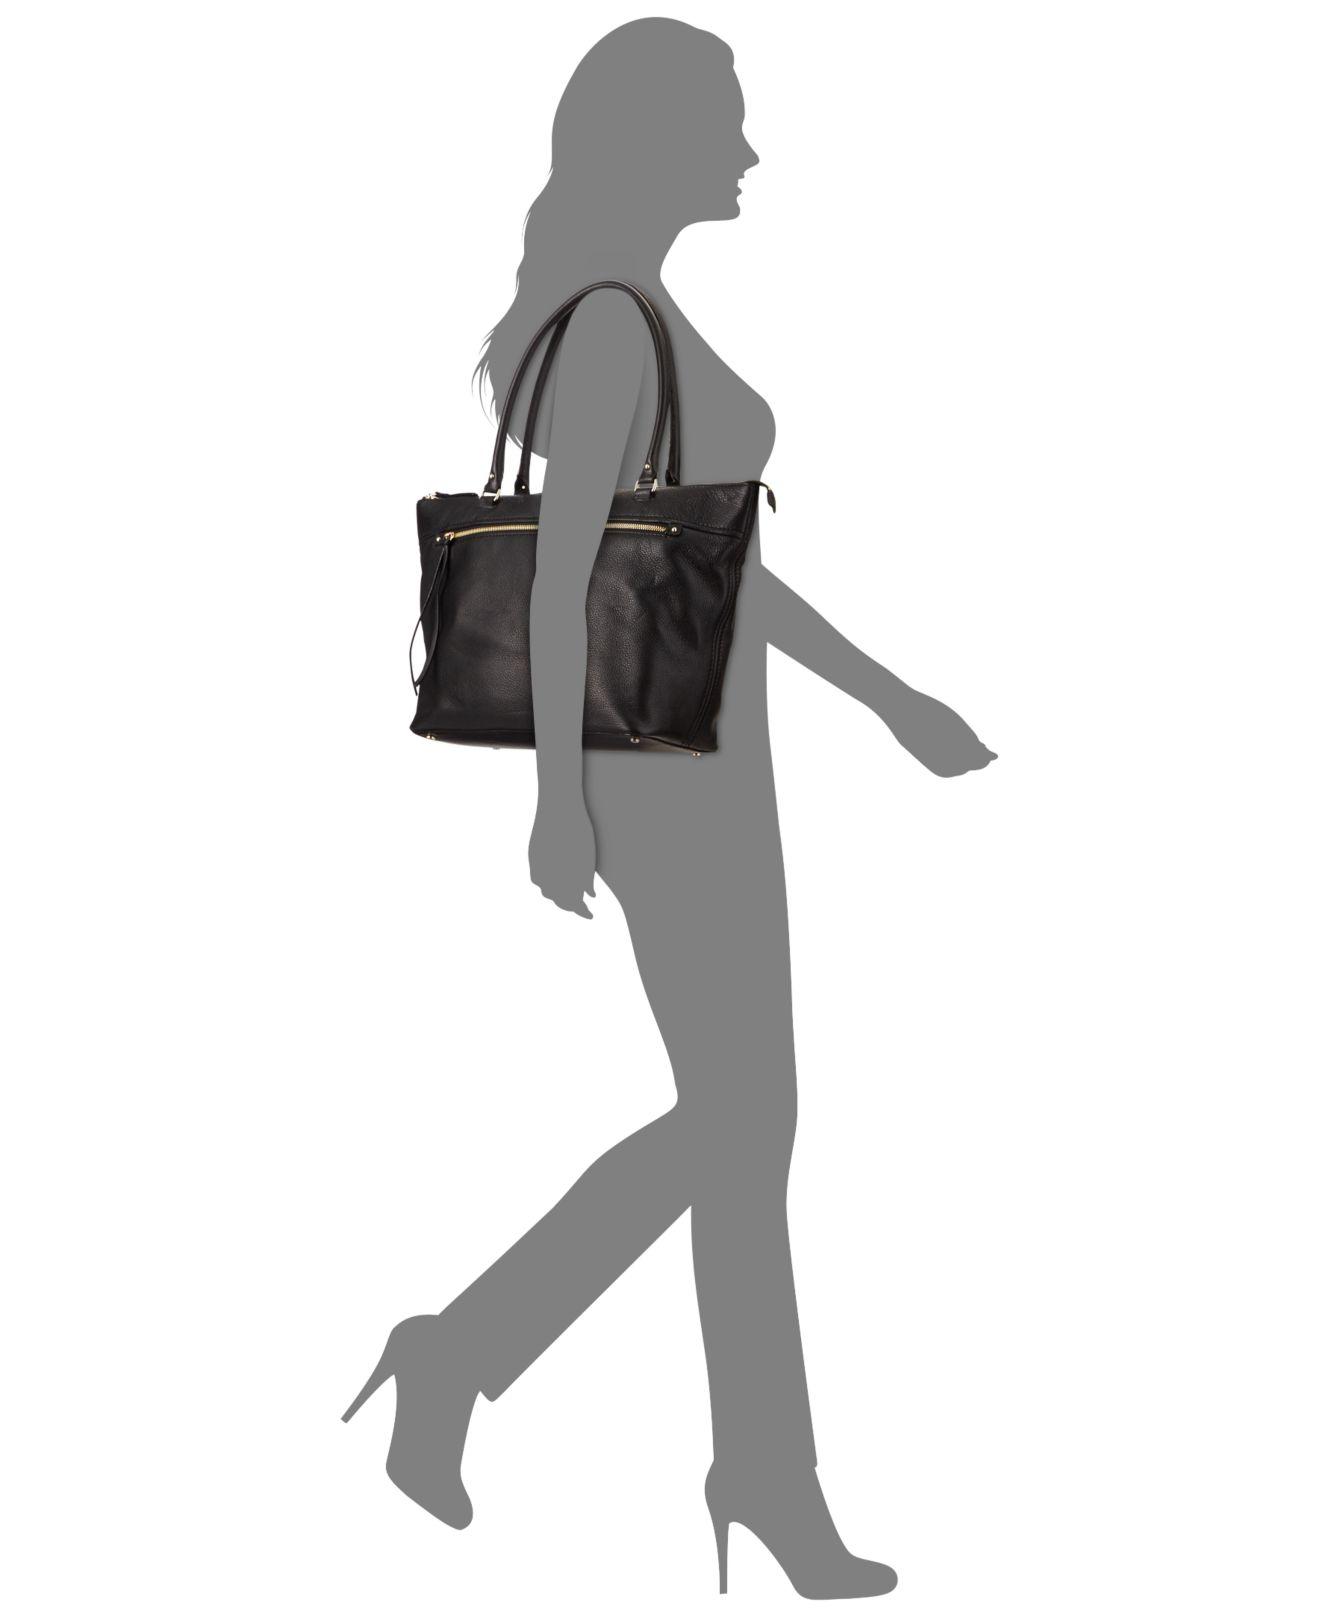 Lyst - Kate Spade Cobble Hill Gina Tote in Black da005a4a6495e